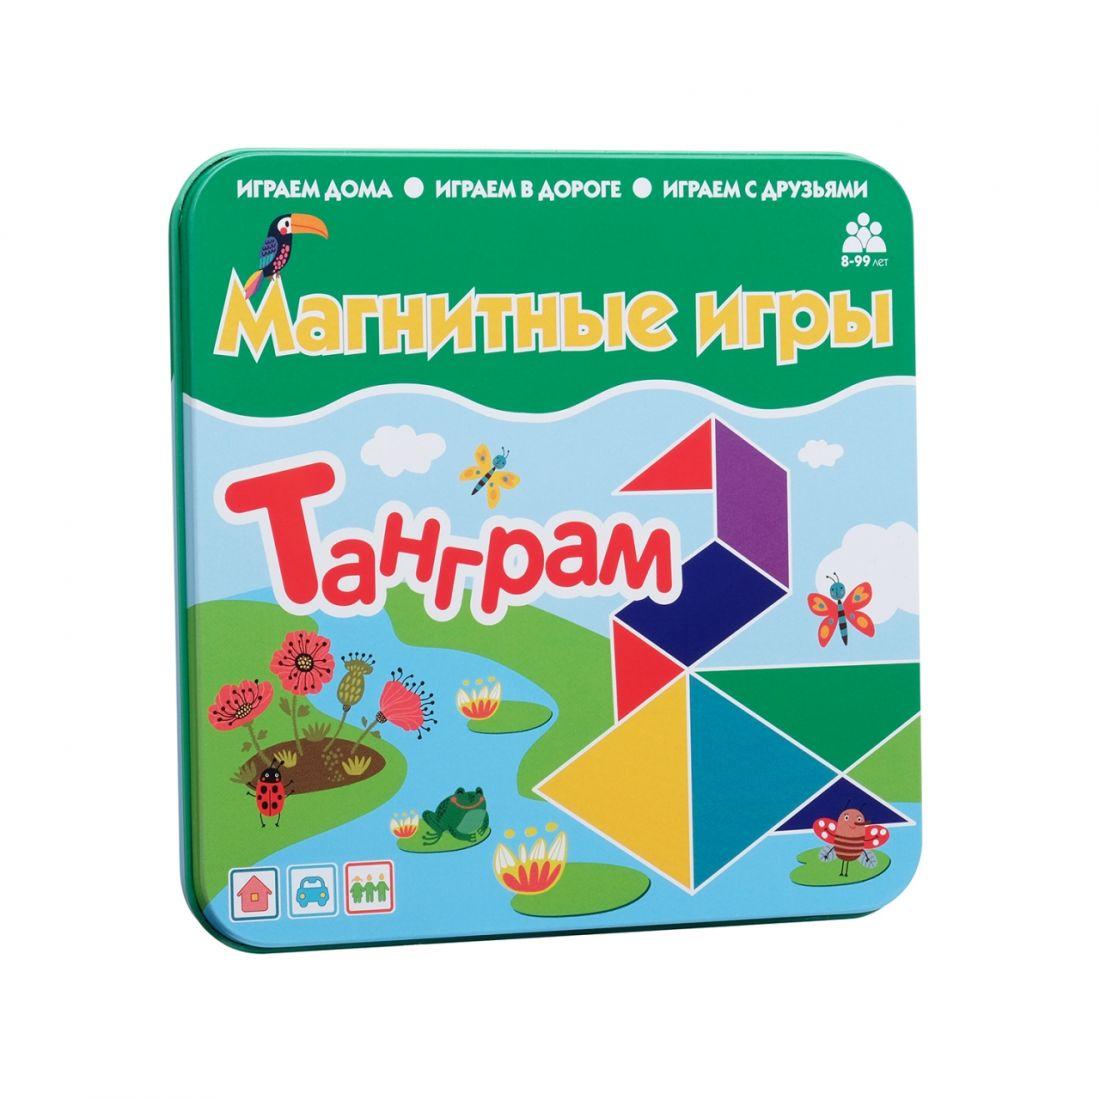 Магнитная игра БУМБАРАМ IM-1014 Танграм